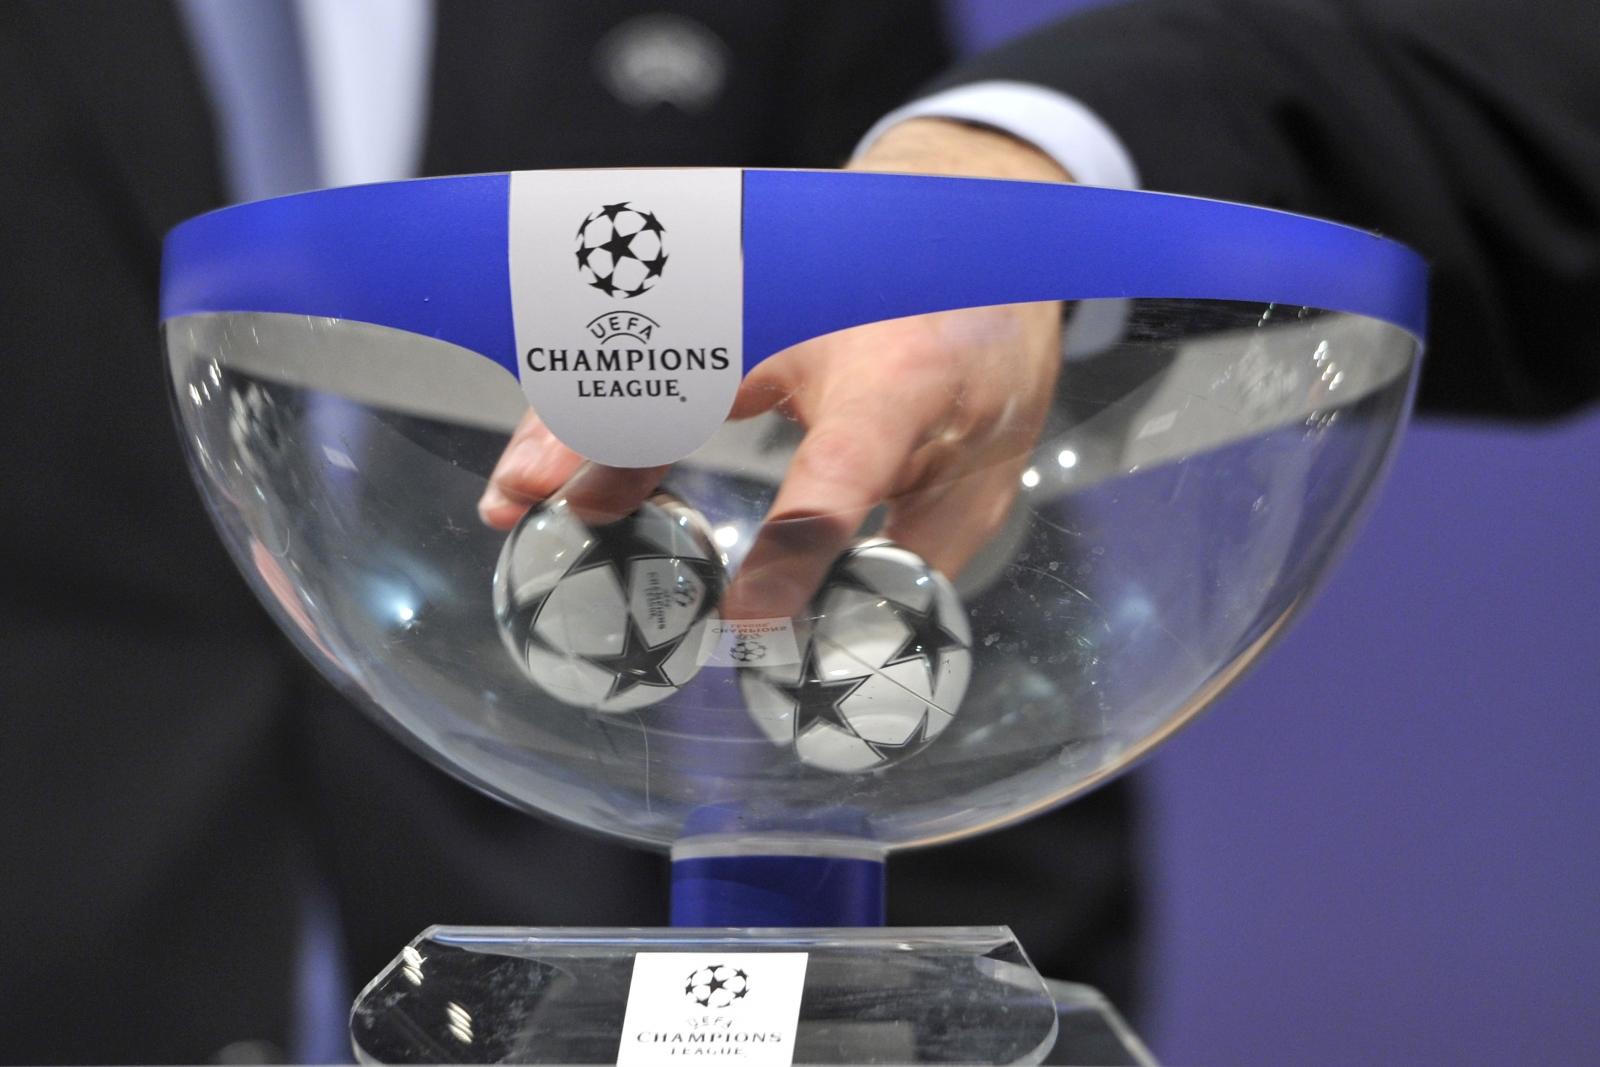 رسمياً … تعرف على موعد قرعة الدور نصف النهائي لبطولة دوري الأبطال